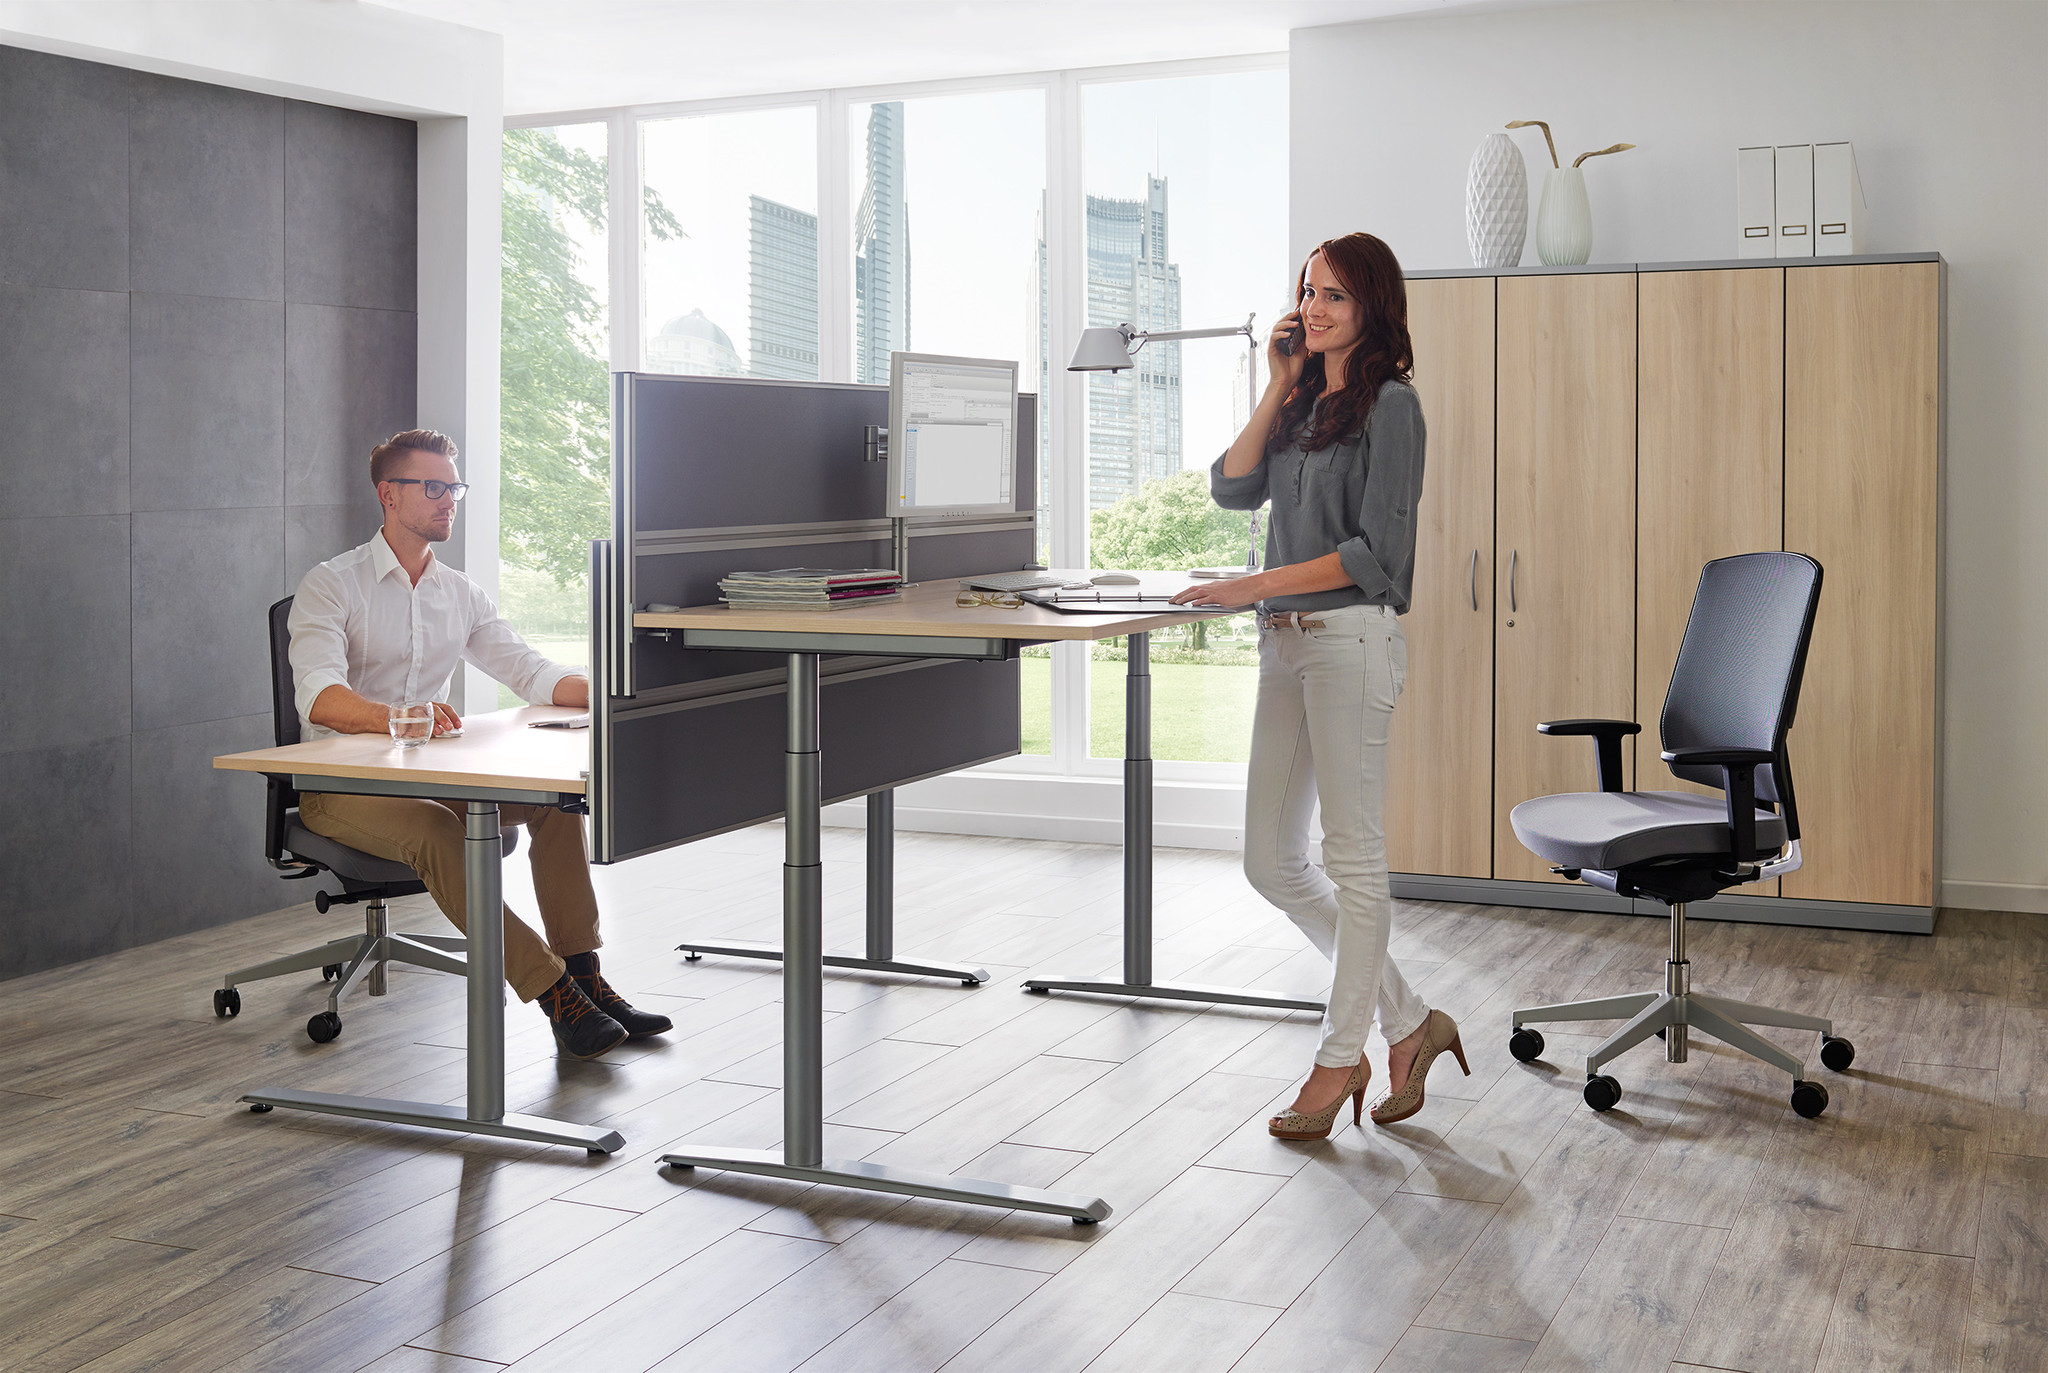 Sitztisch Stehtisch all in one fm62 Kombi